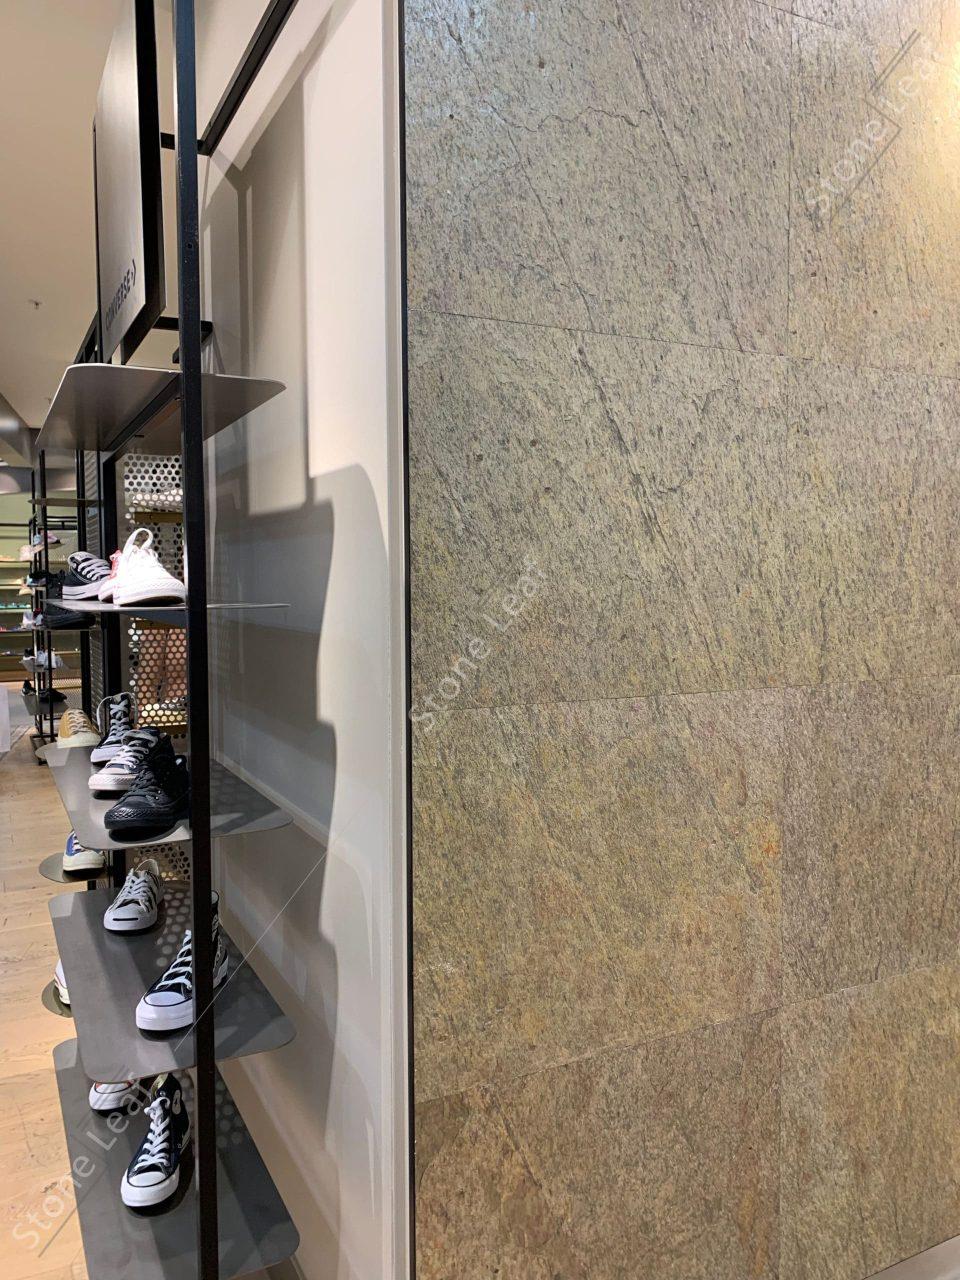 Feuille de pierre 100% naturelle Kuala Lumpur dans une boutique